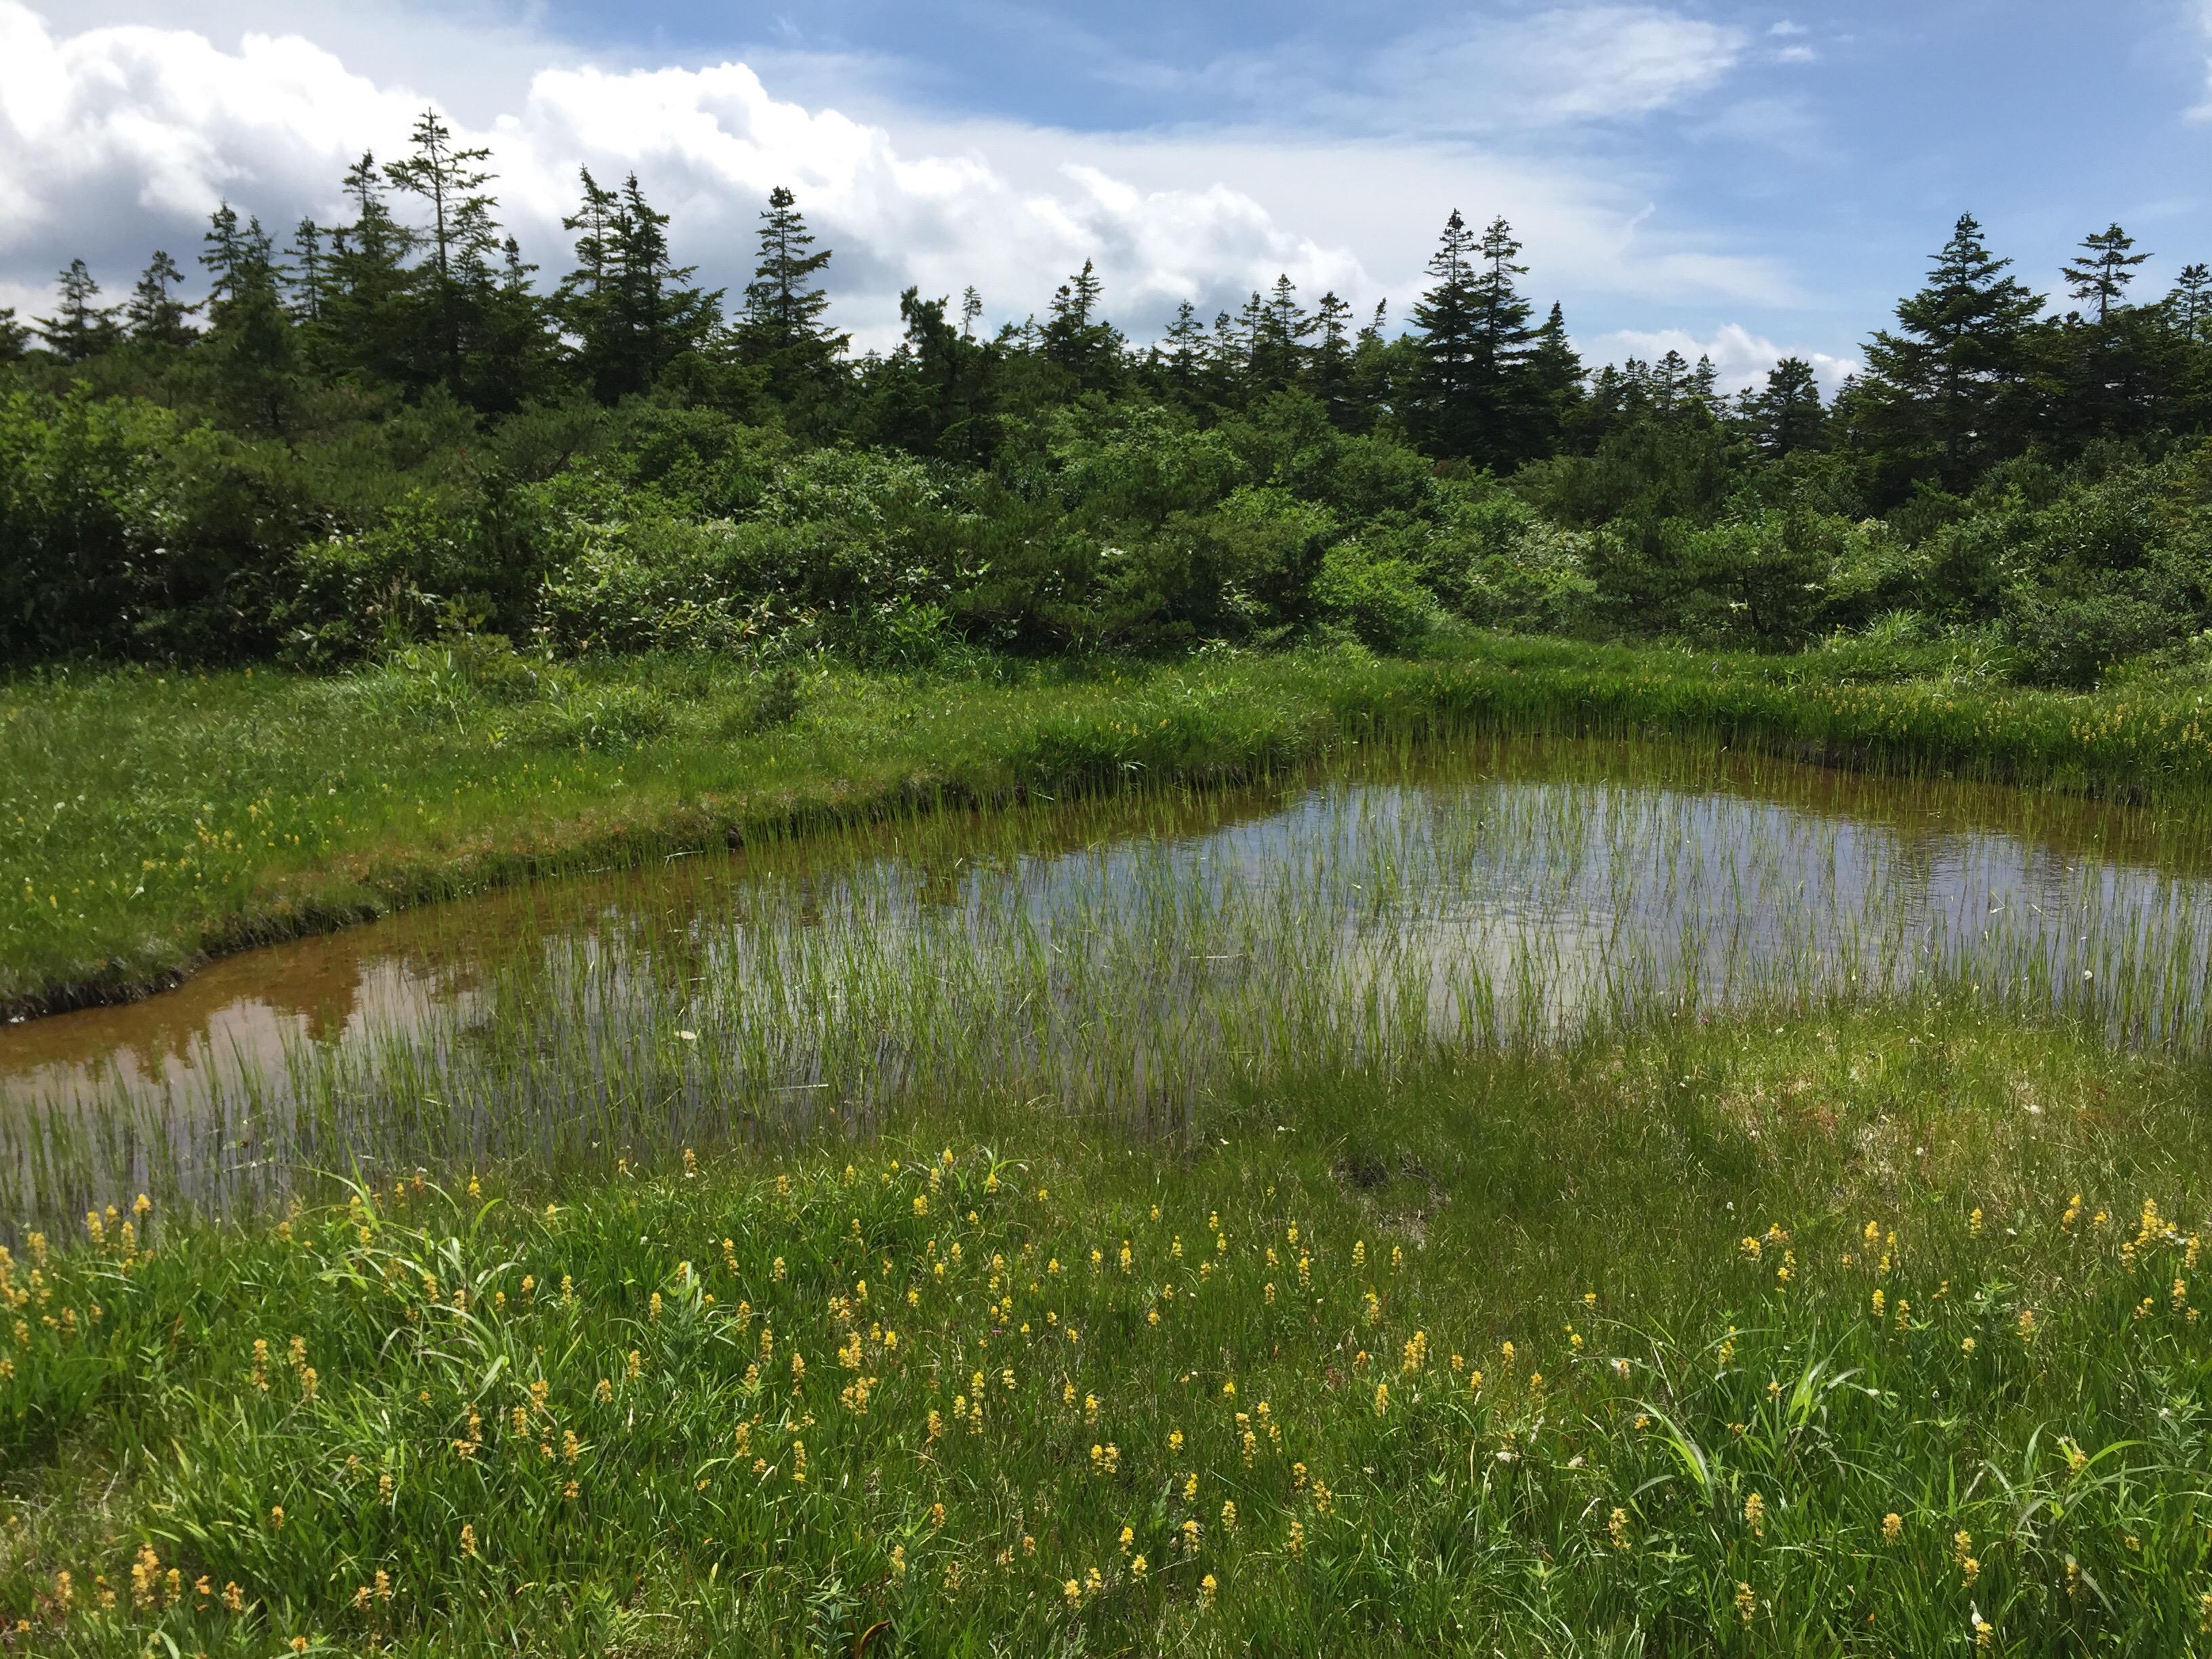 蔵王 熊野岳 日本百名山 山形百名山 登山道 いろは沼